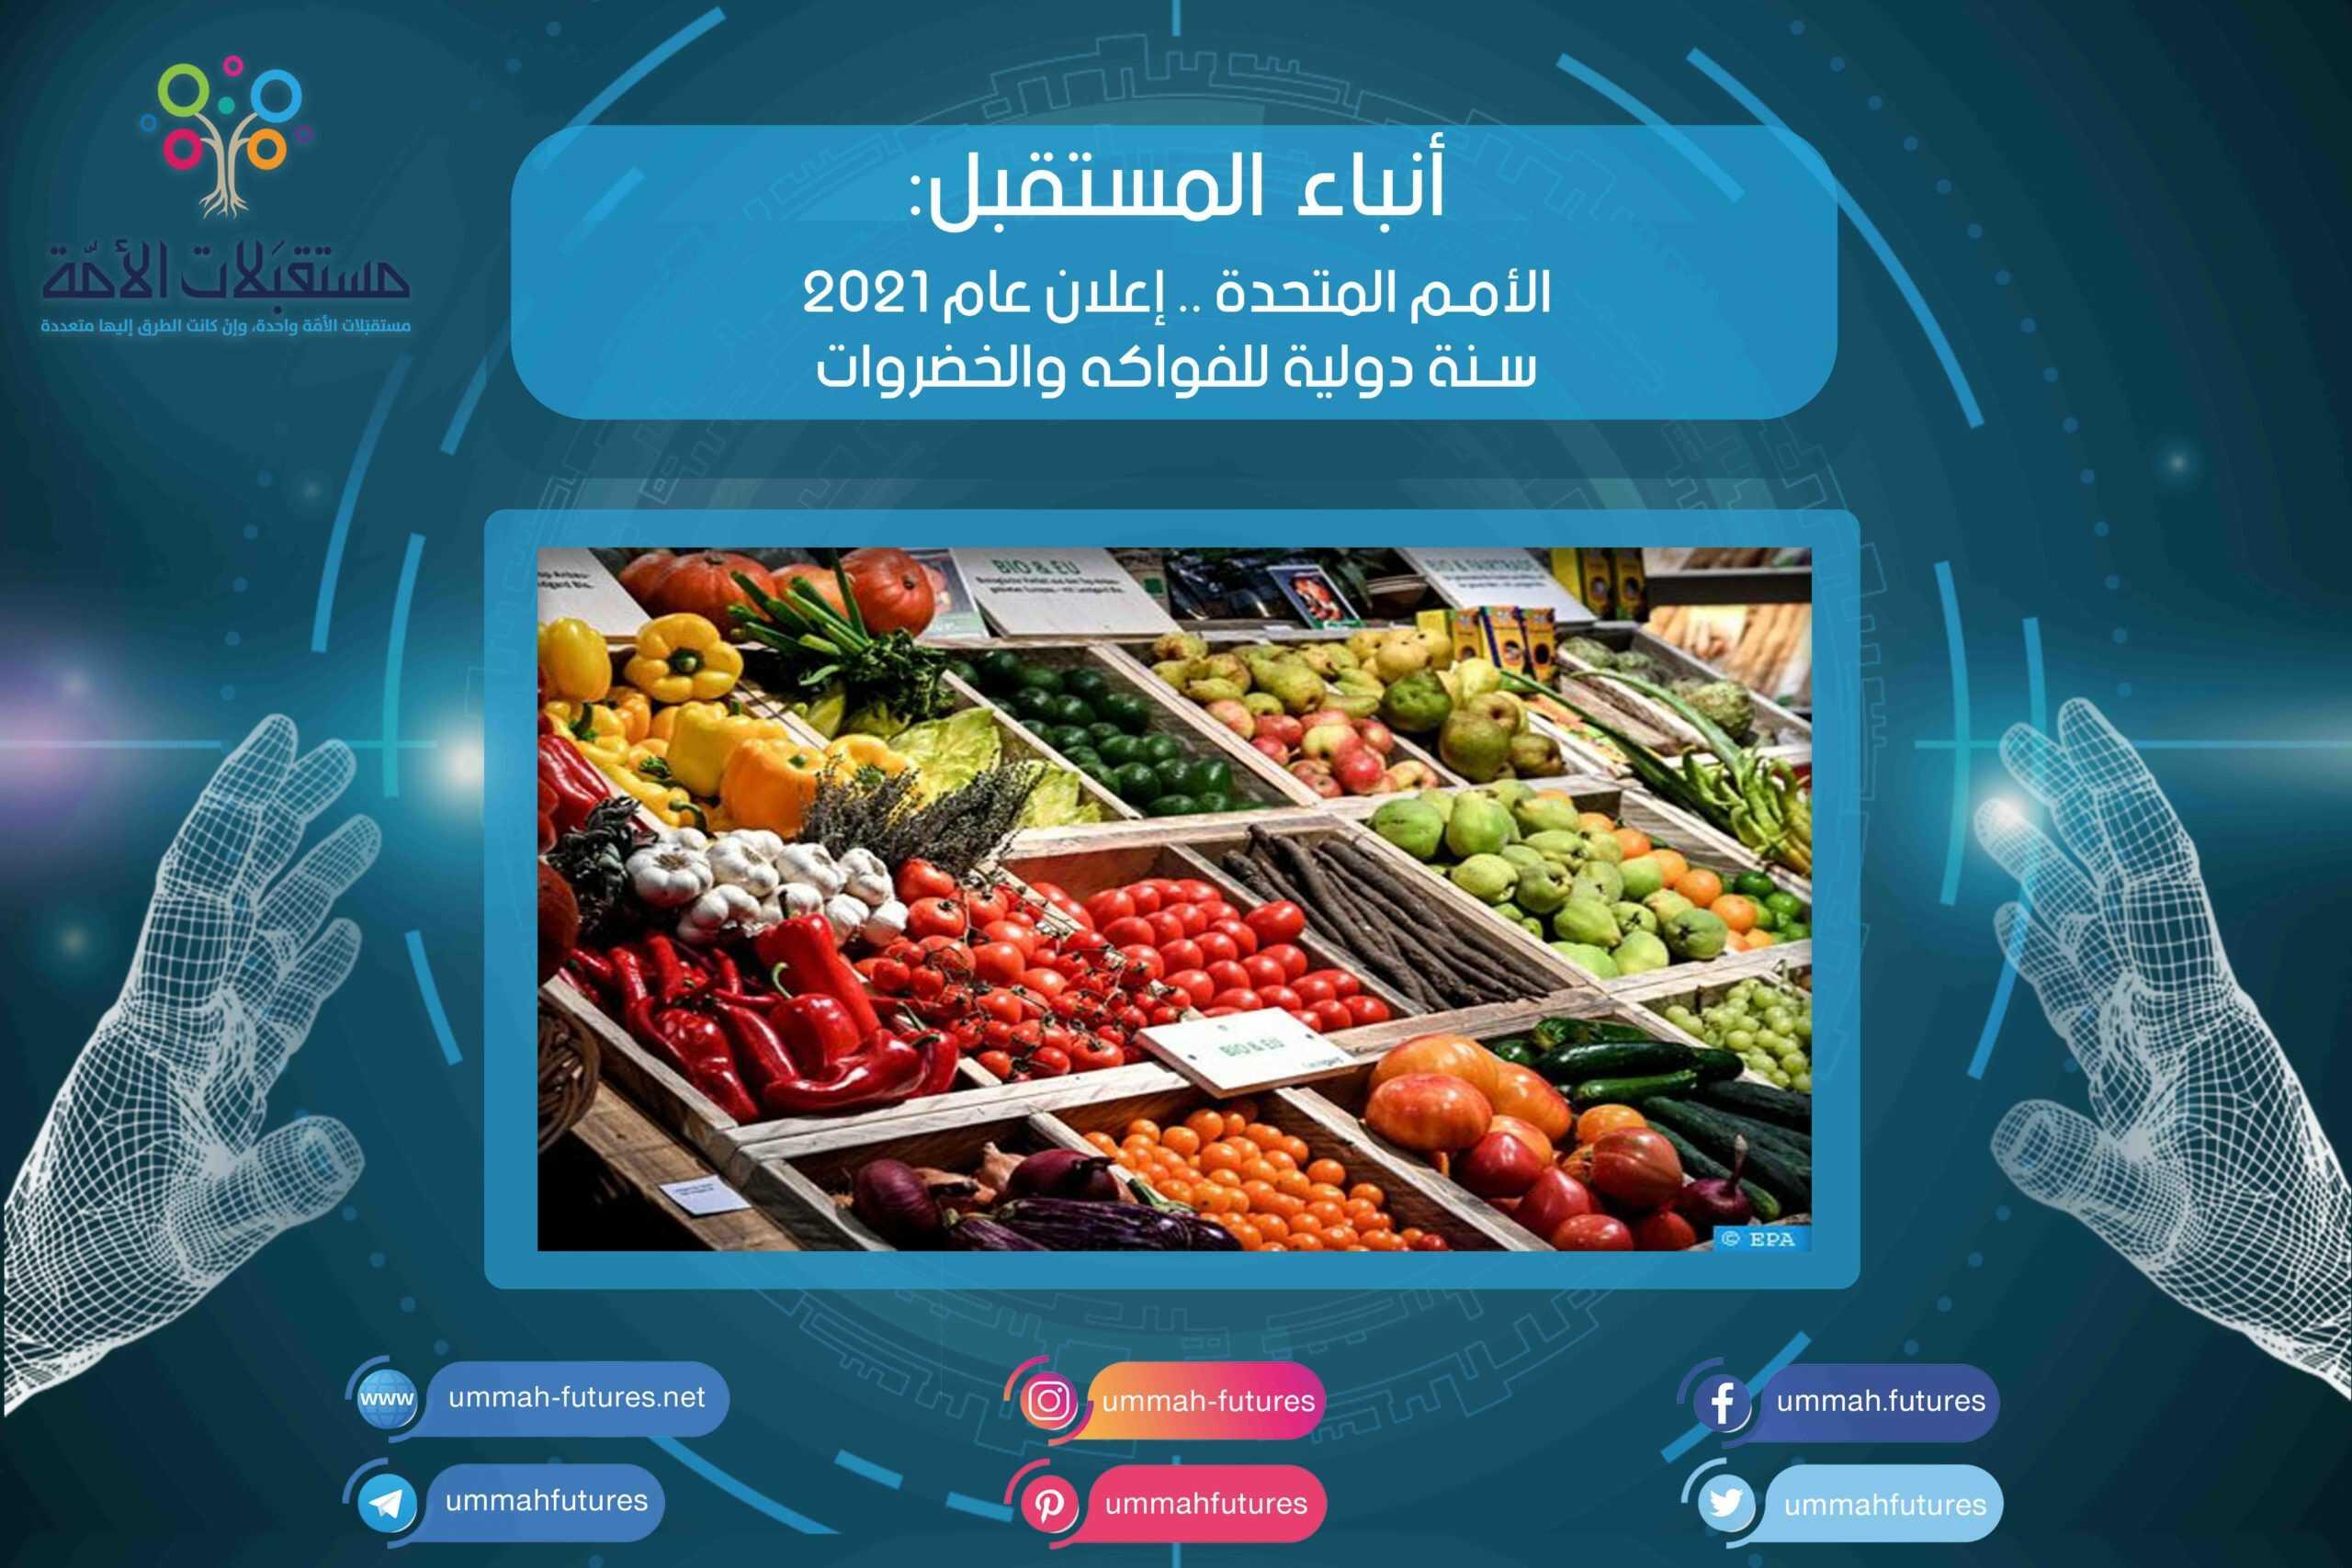 الأمم المتحدة .. إعلان عام 2021 سنة دولية للفواكه والخضروات